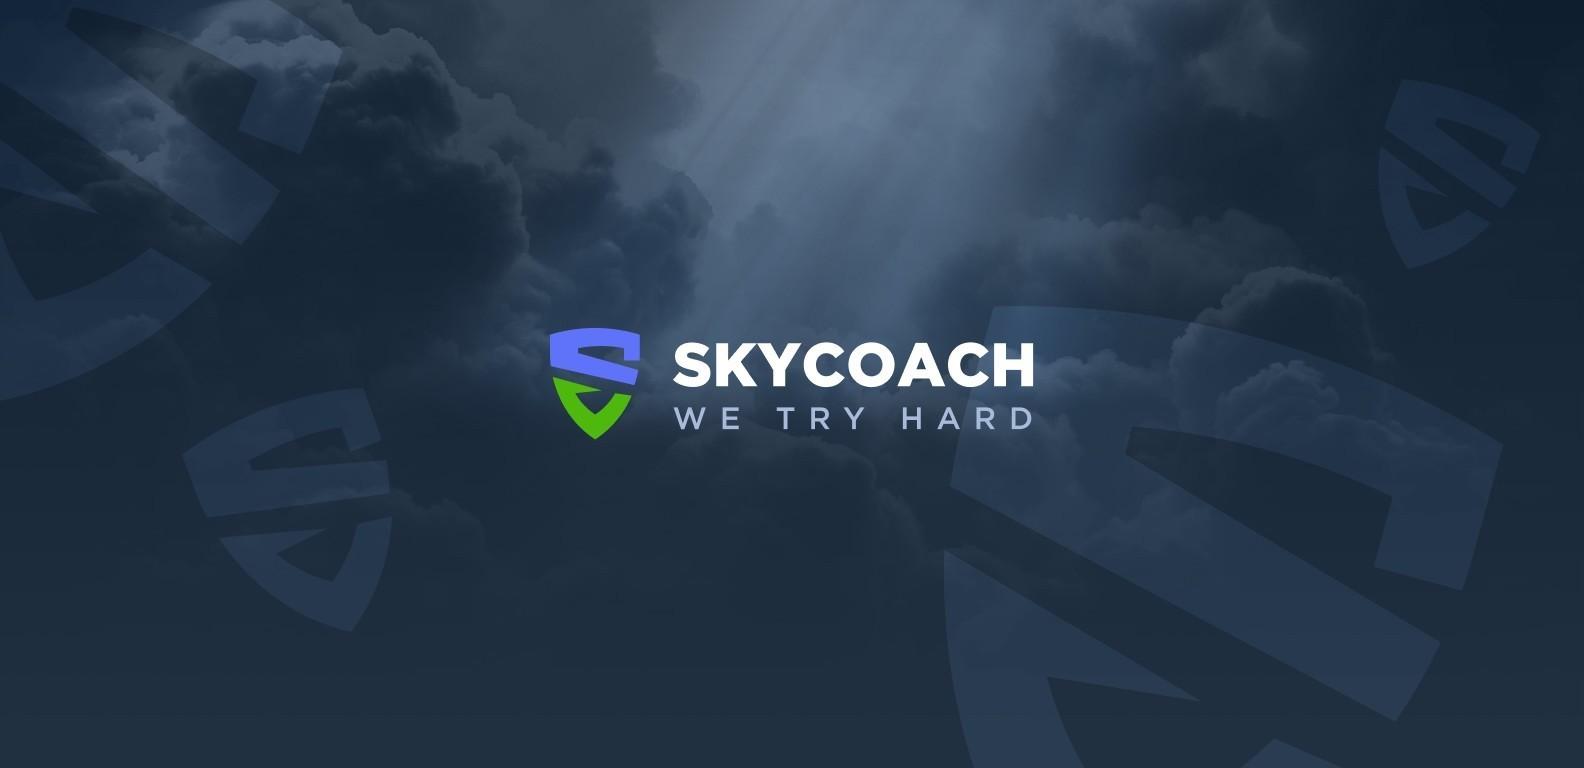 SkyCoach